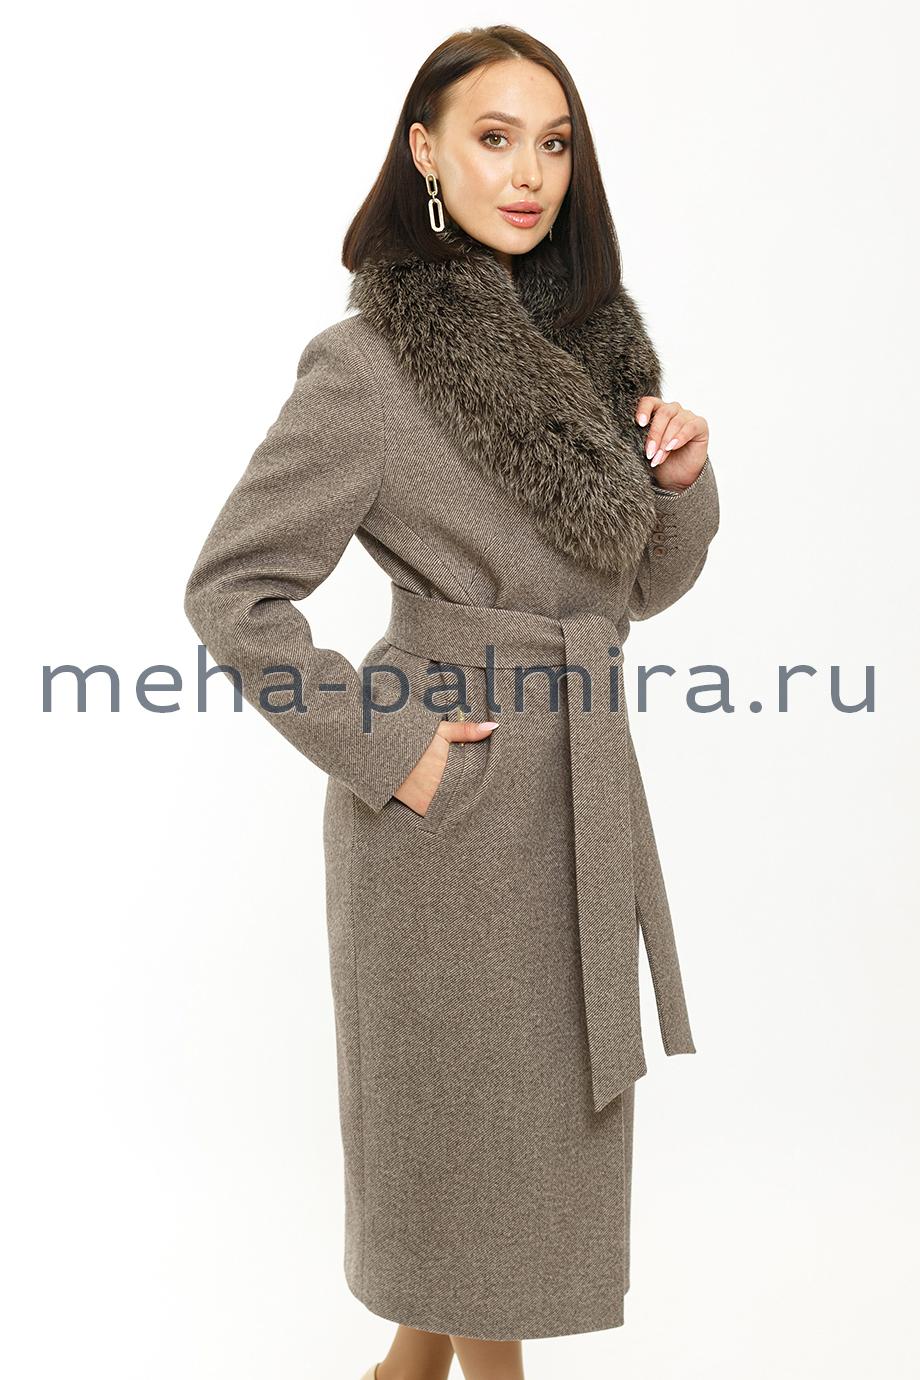 Зимнее женское пальто с воротником из натурального меха